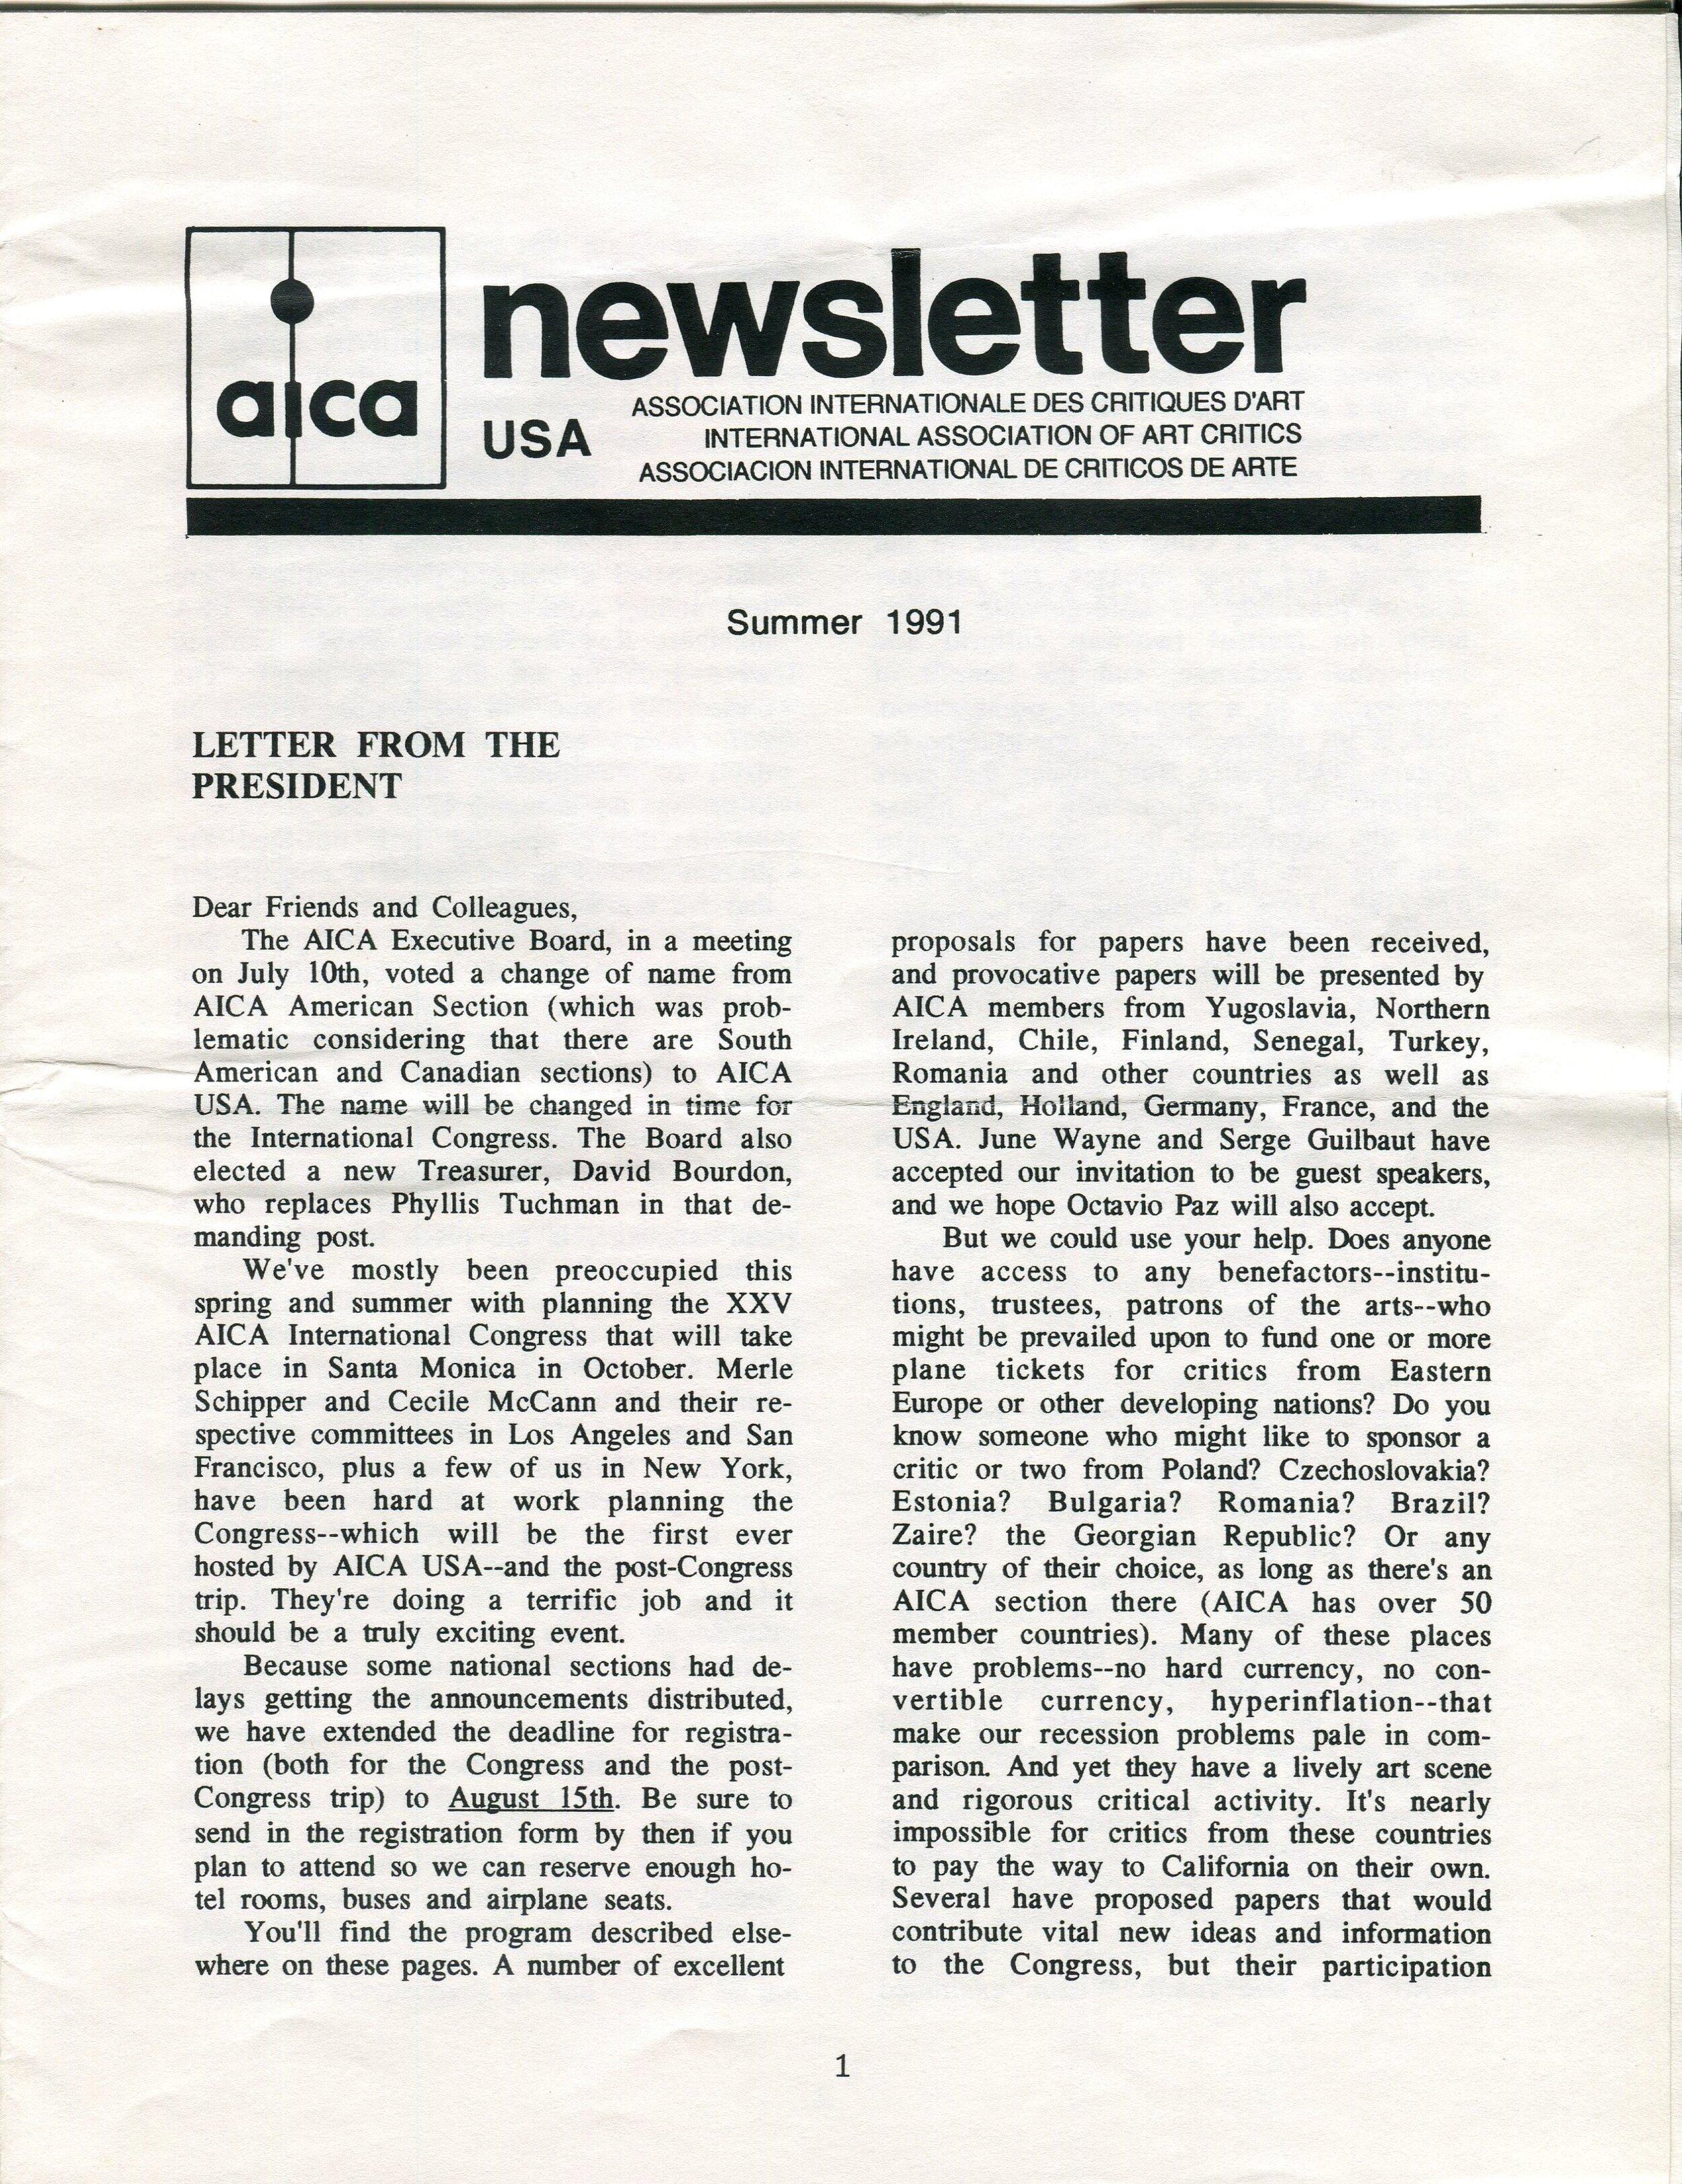 Newsletter AICA USA , été 1991, fonds AICA International [FR ACA AICAI THE CON047 3/8], collection INHA - Archives de la critique d'art.